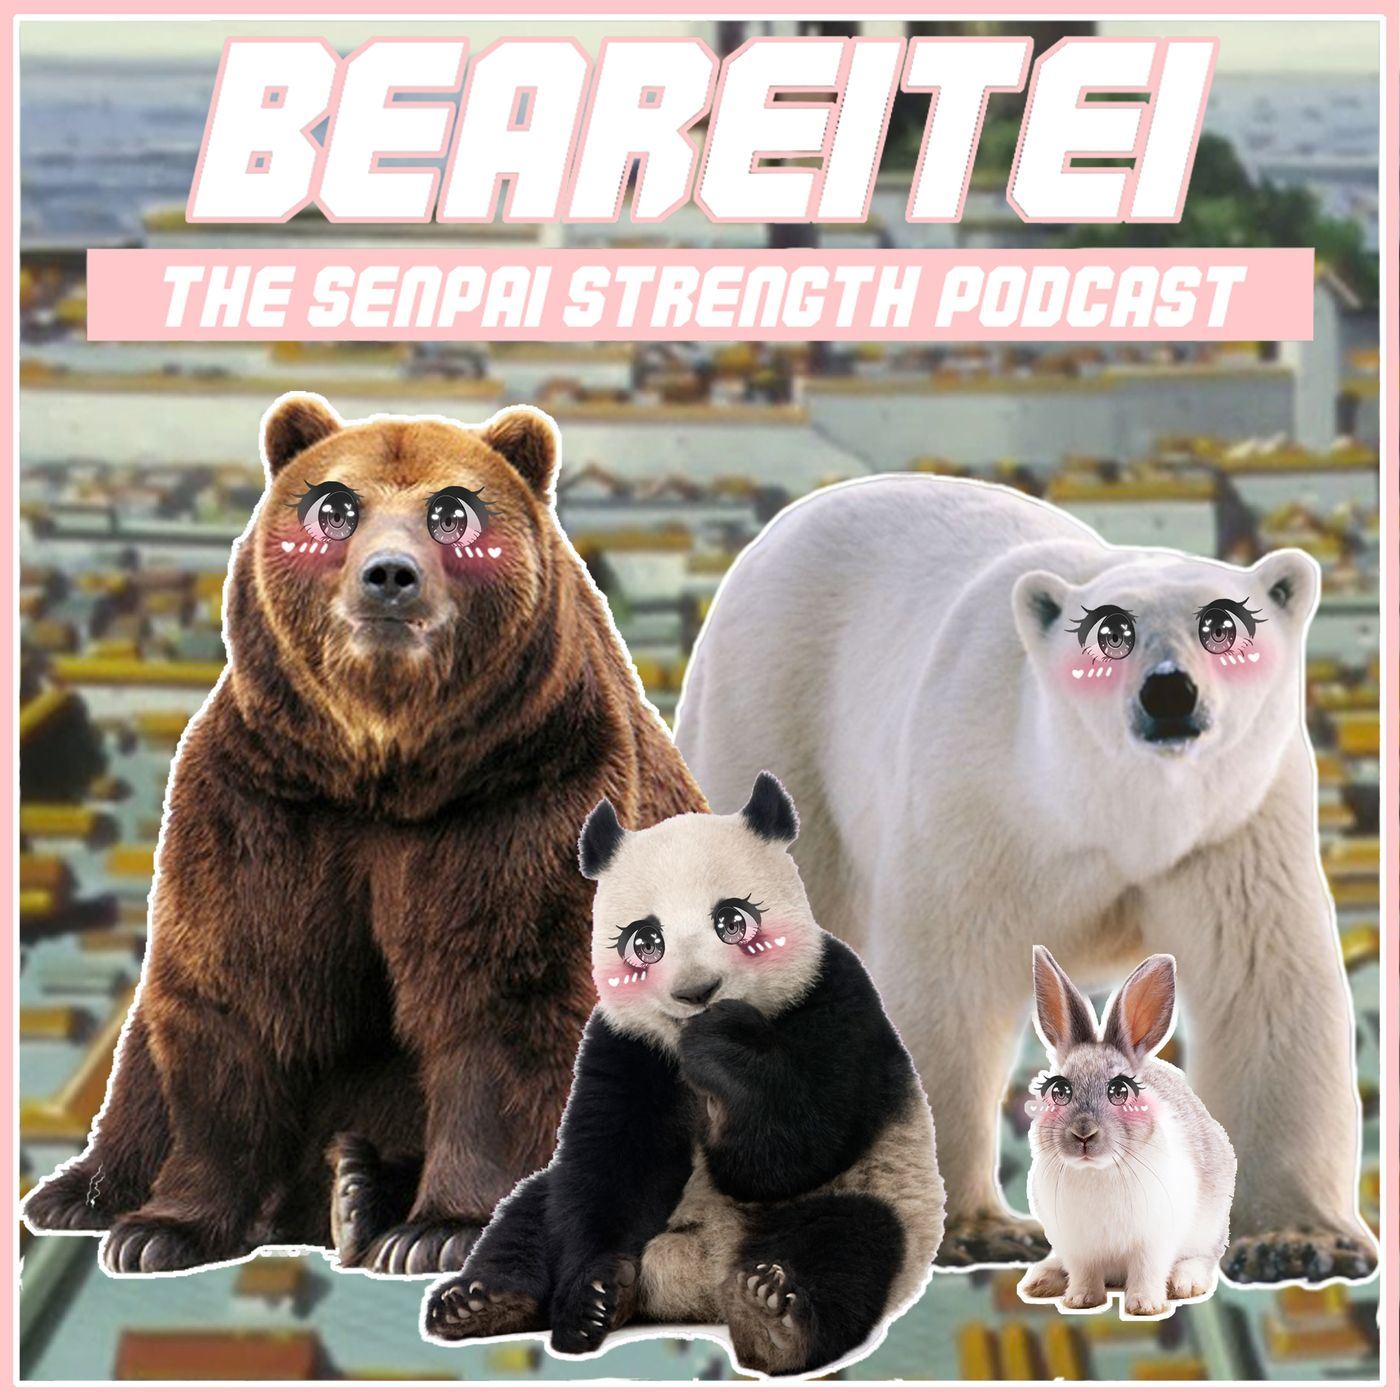 BEAREITEI 10: THE BEARS MISSED CHRISTMAS